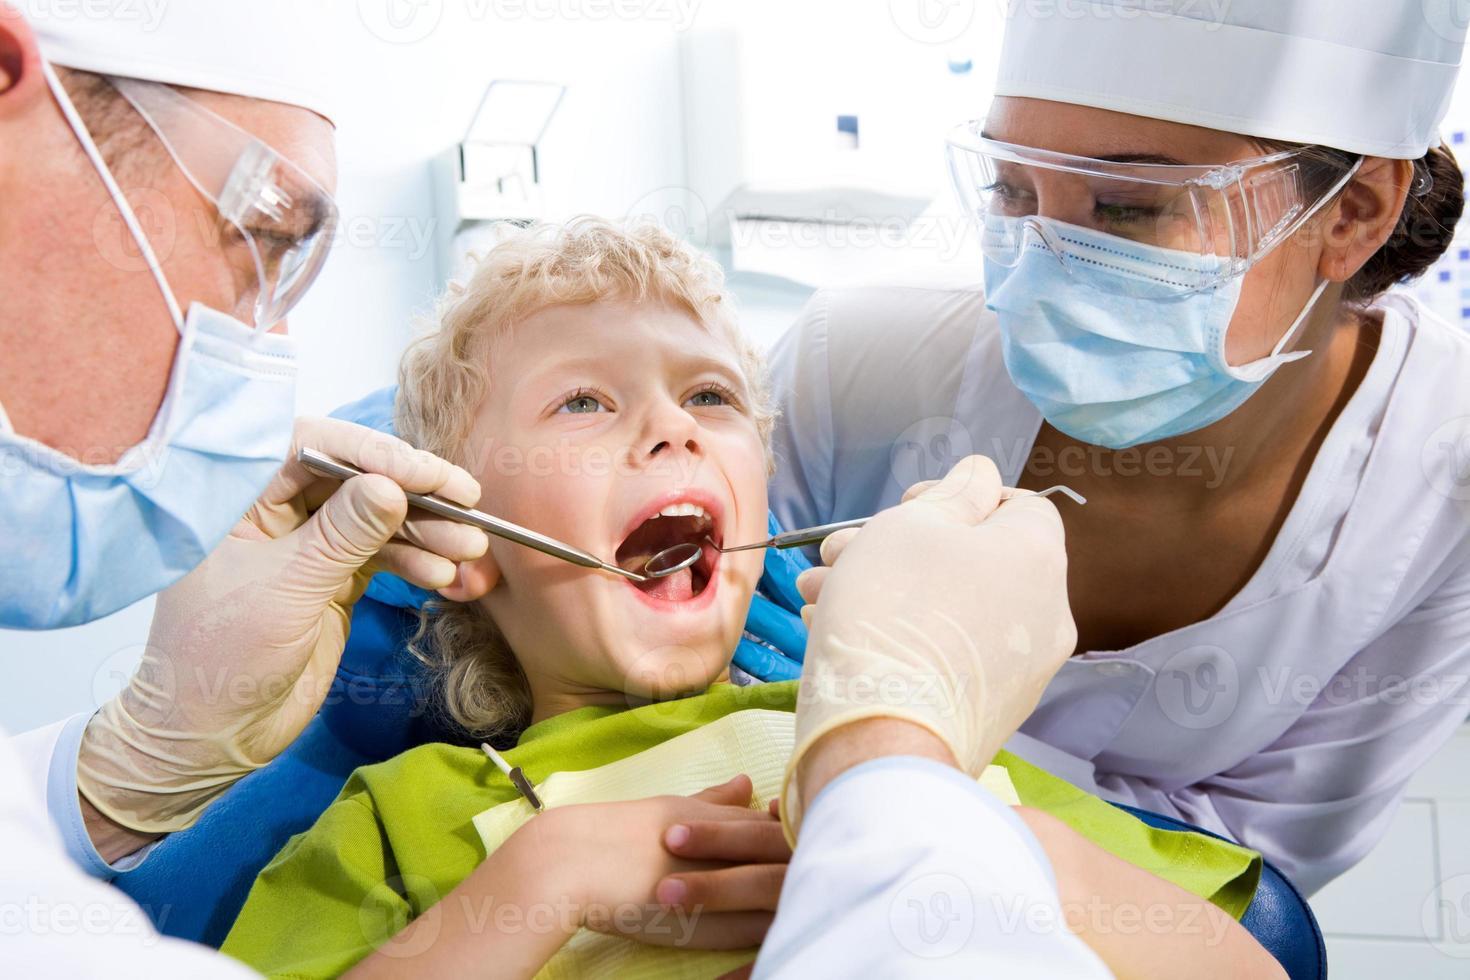 inspeção da cavidade oral foto